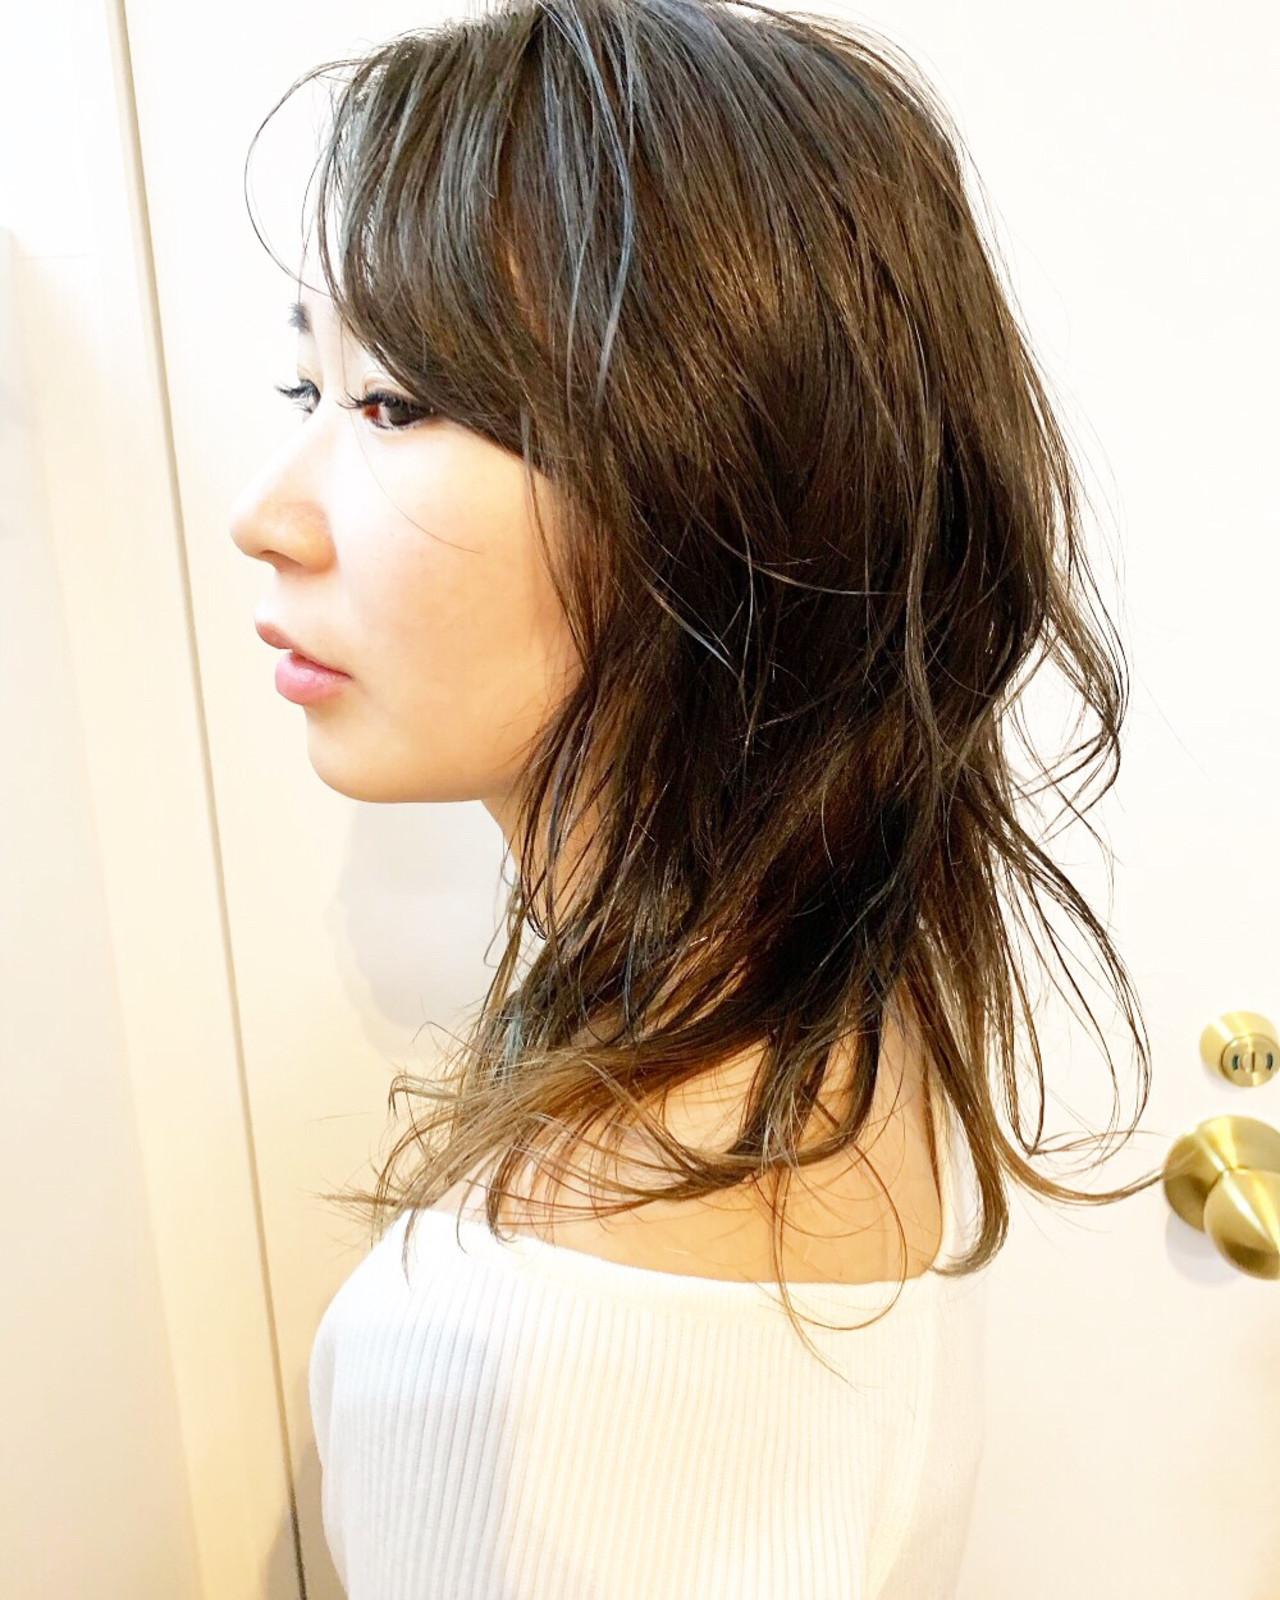 ナチュラル ミルクティーグレージュ マッシュショート ミルクティーベージュ ヘアスタイルや髪型の写真・画像 | COM PASS 太一 / COM PASS